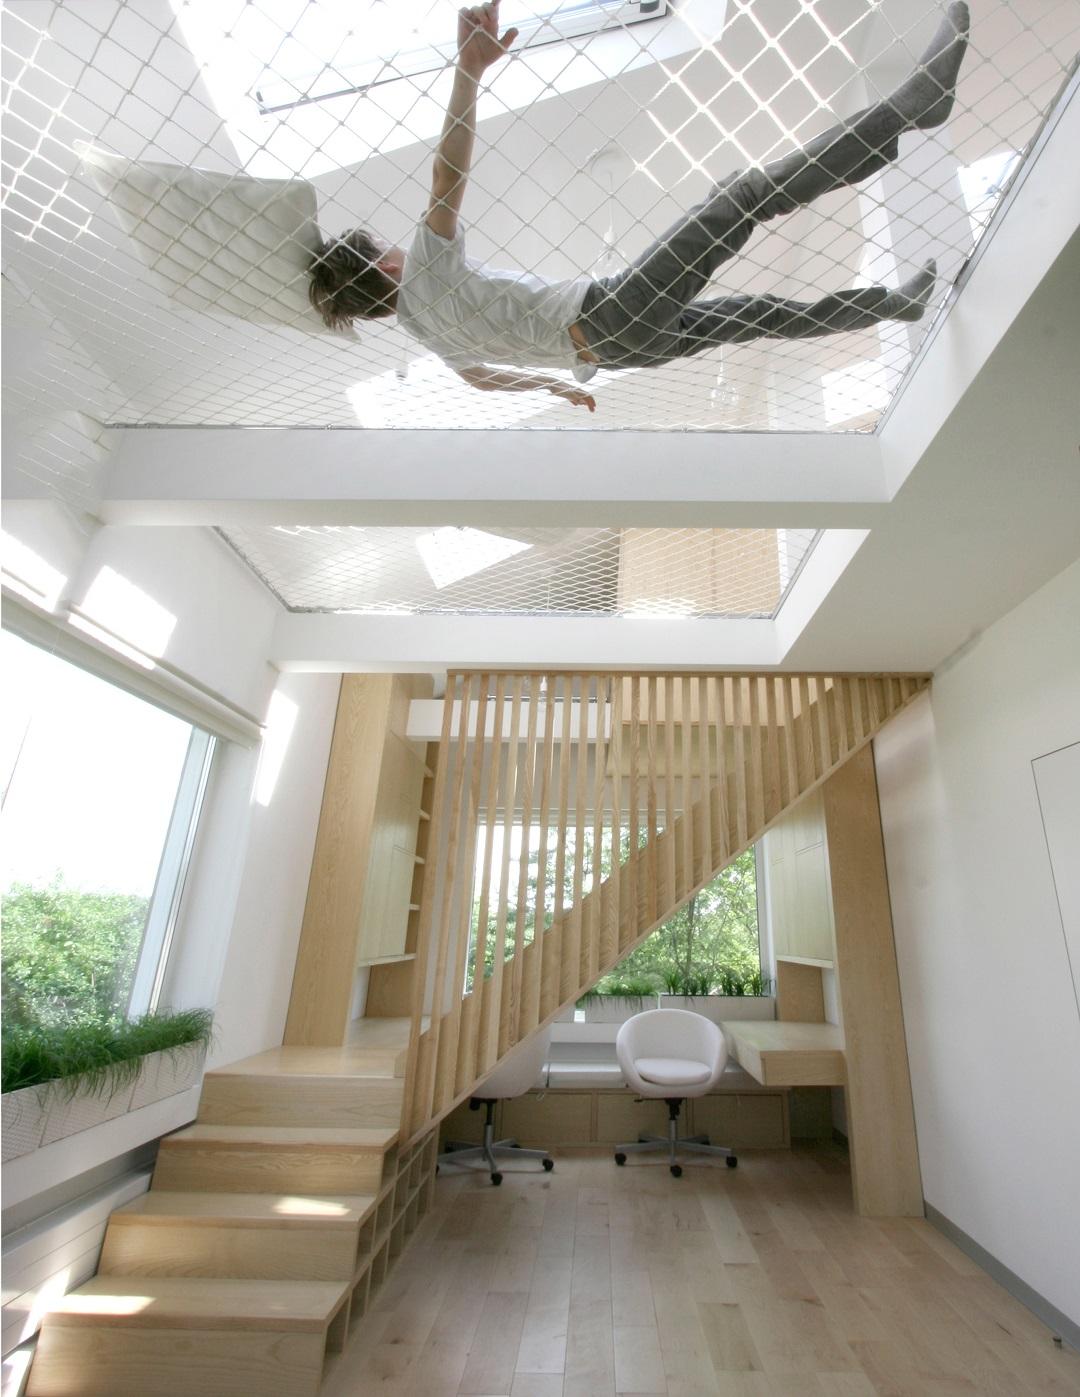 Filet d\'habitation : En suspension dans la maison ! - ICONE Magazine